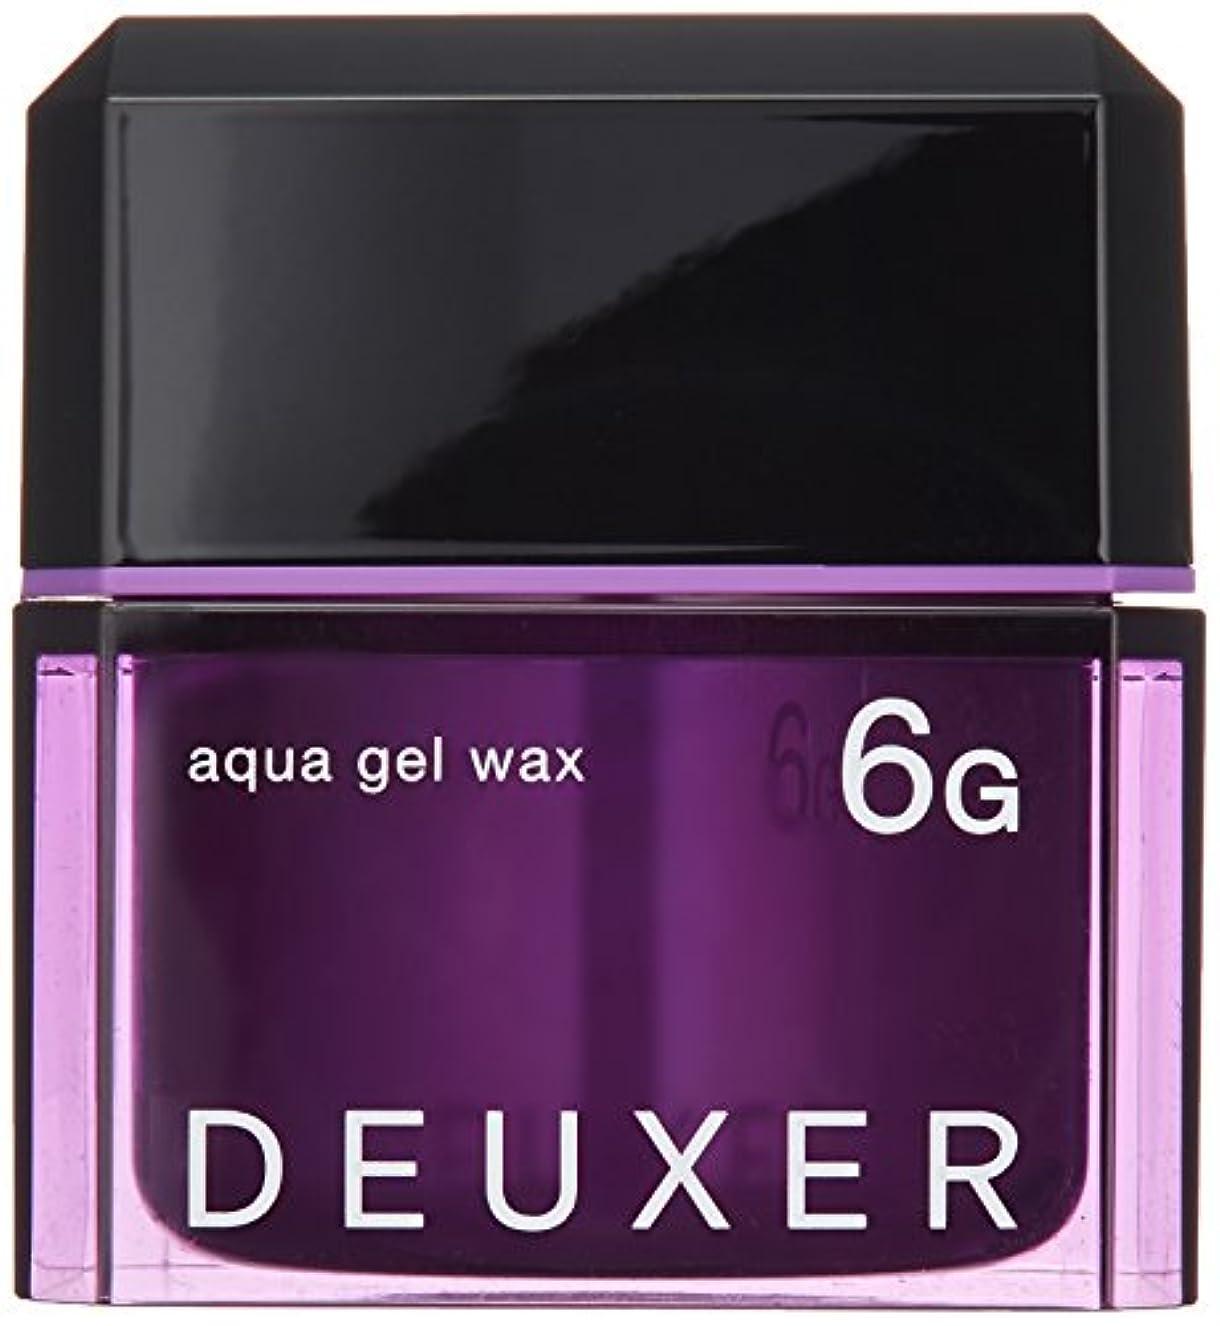 適用する早熟さておきナンバースリー DEUXER(デューサー) アクアジェルワックス 6G 80g